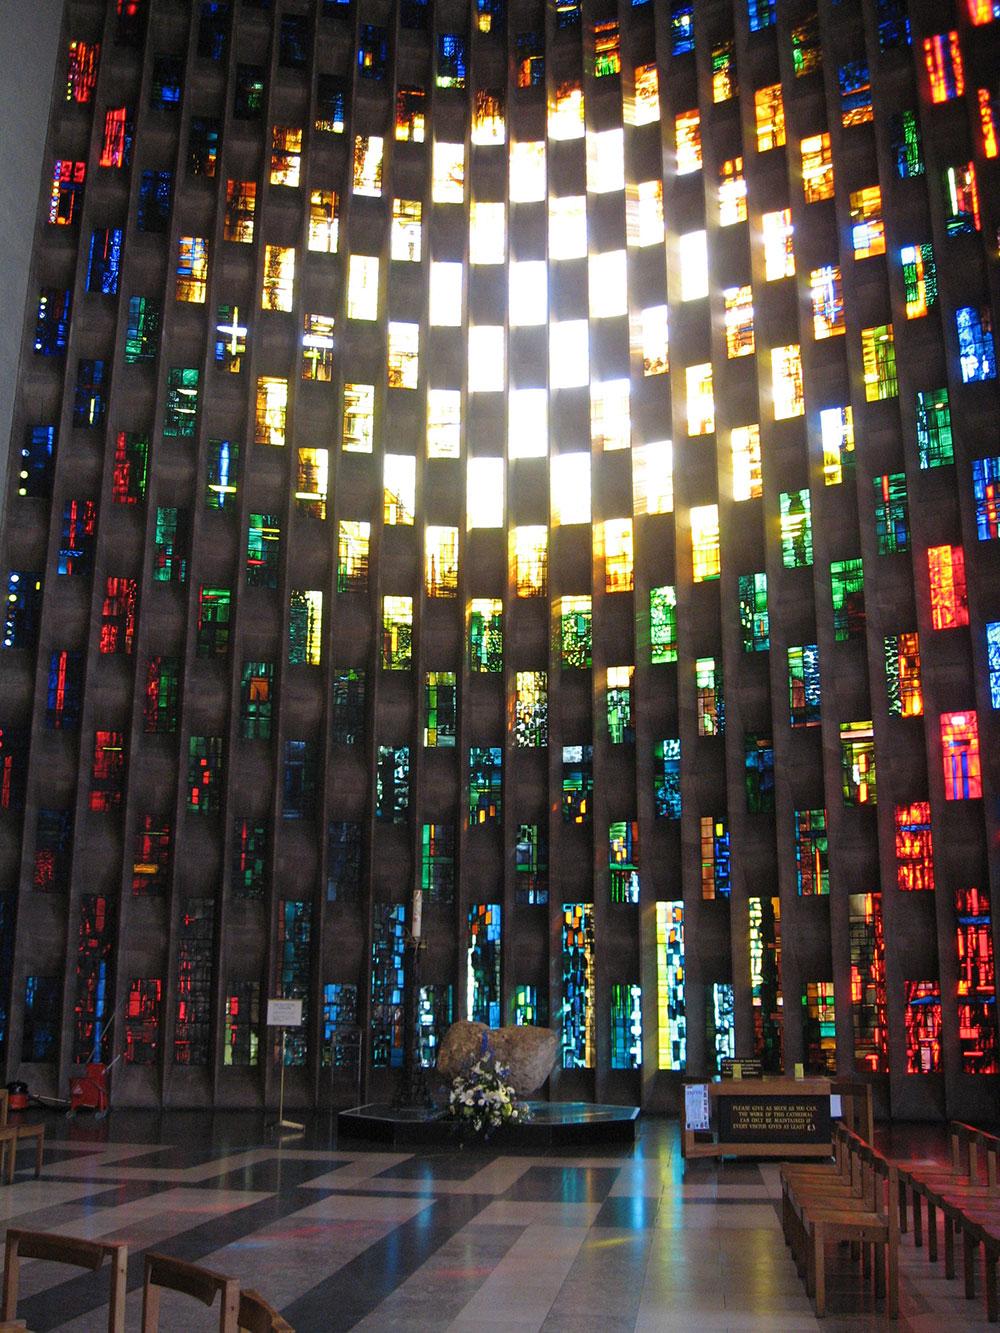 prozori su građeni kako bi propuštali sve više svetlosti u unutrašnje prostore